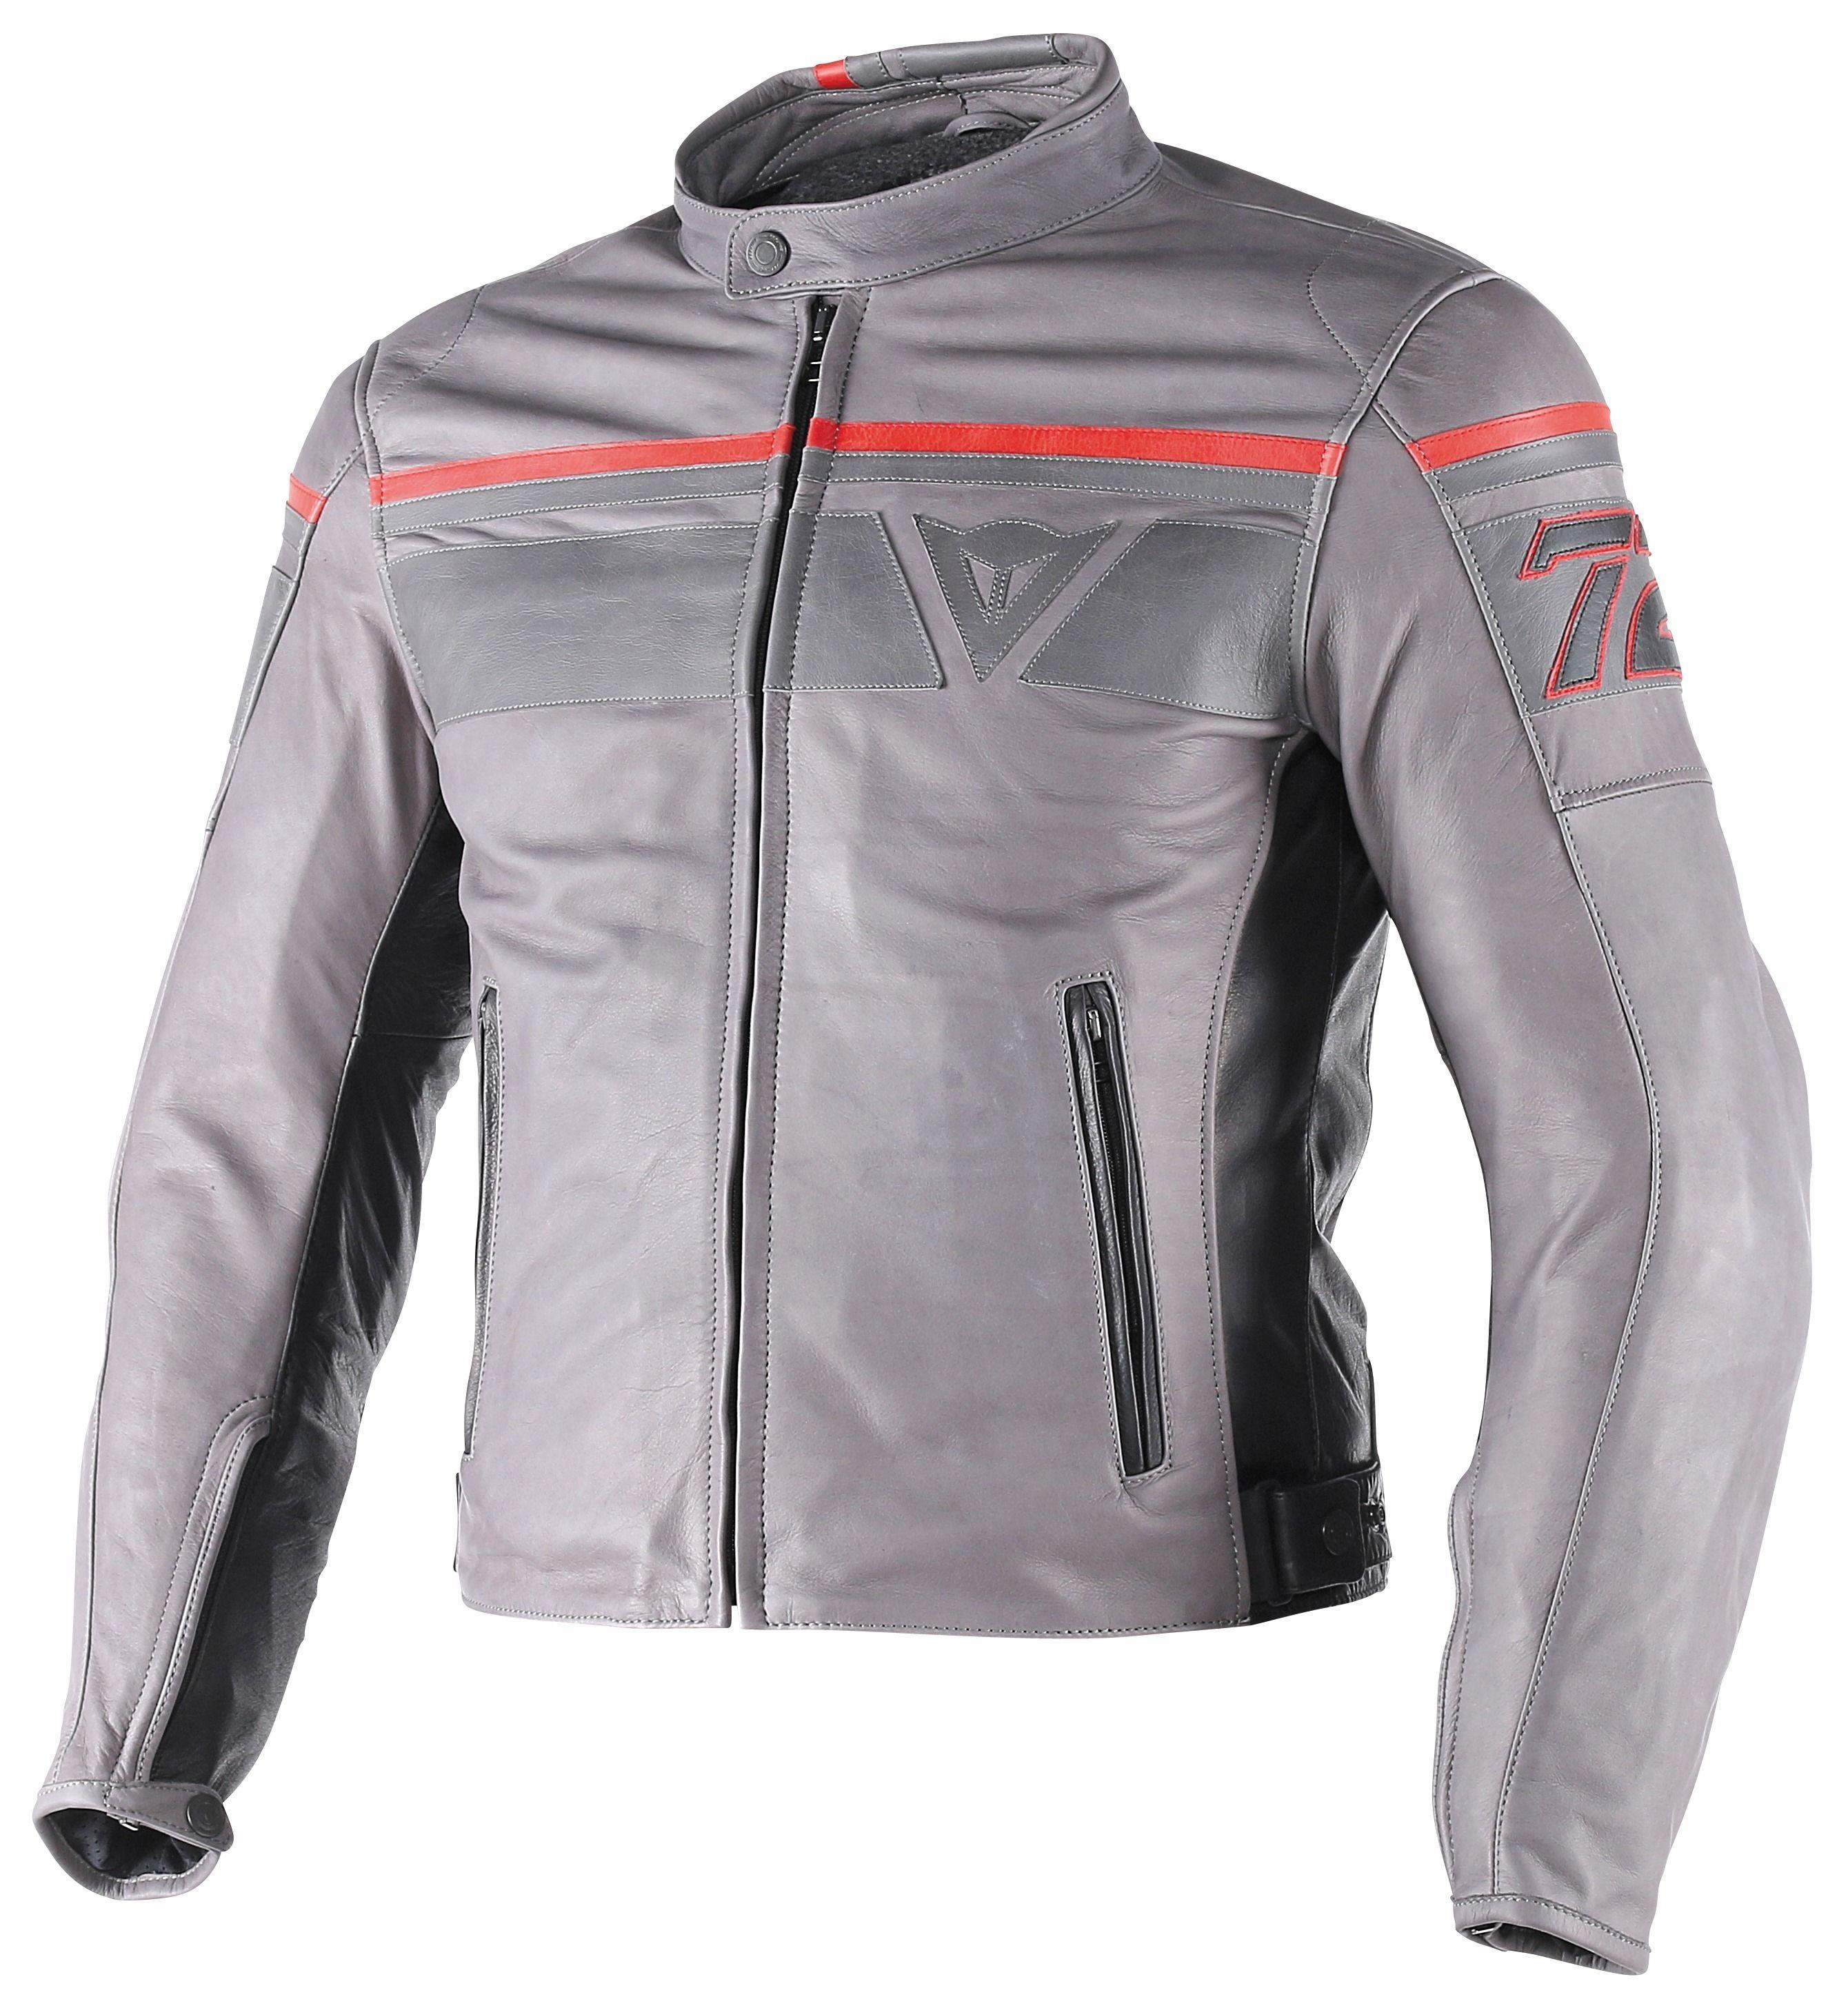 Dainese Blackjack Leather Jacket Revzilla